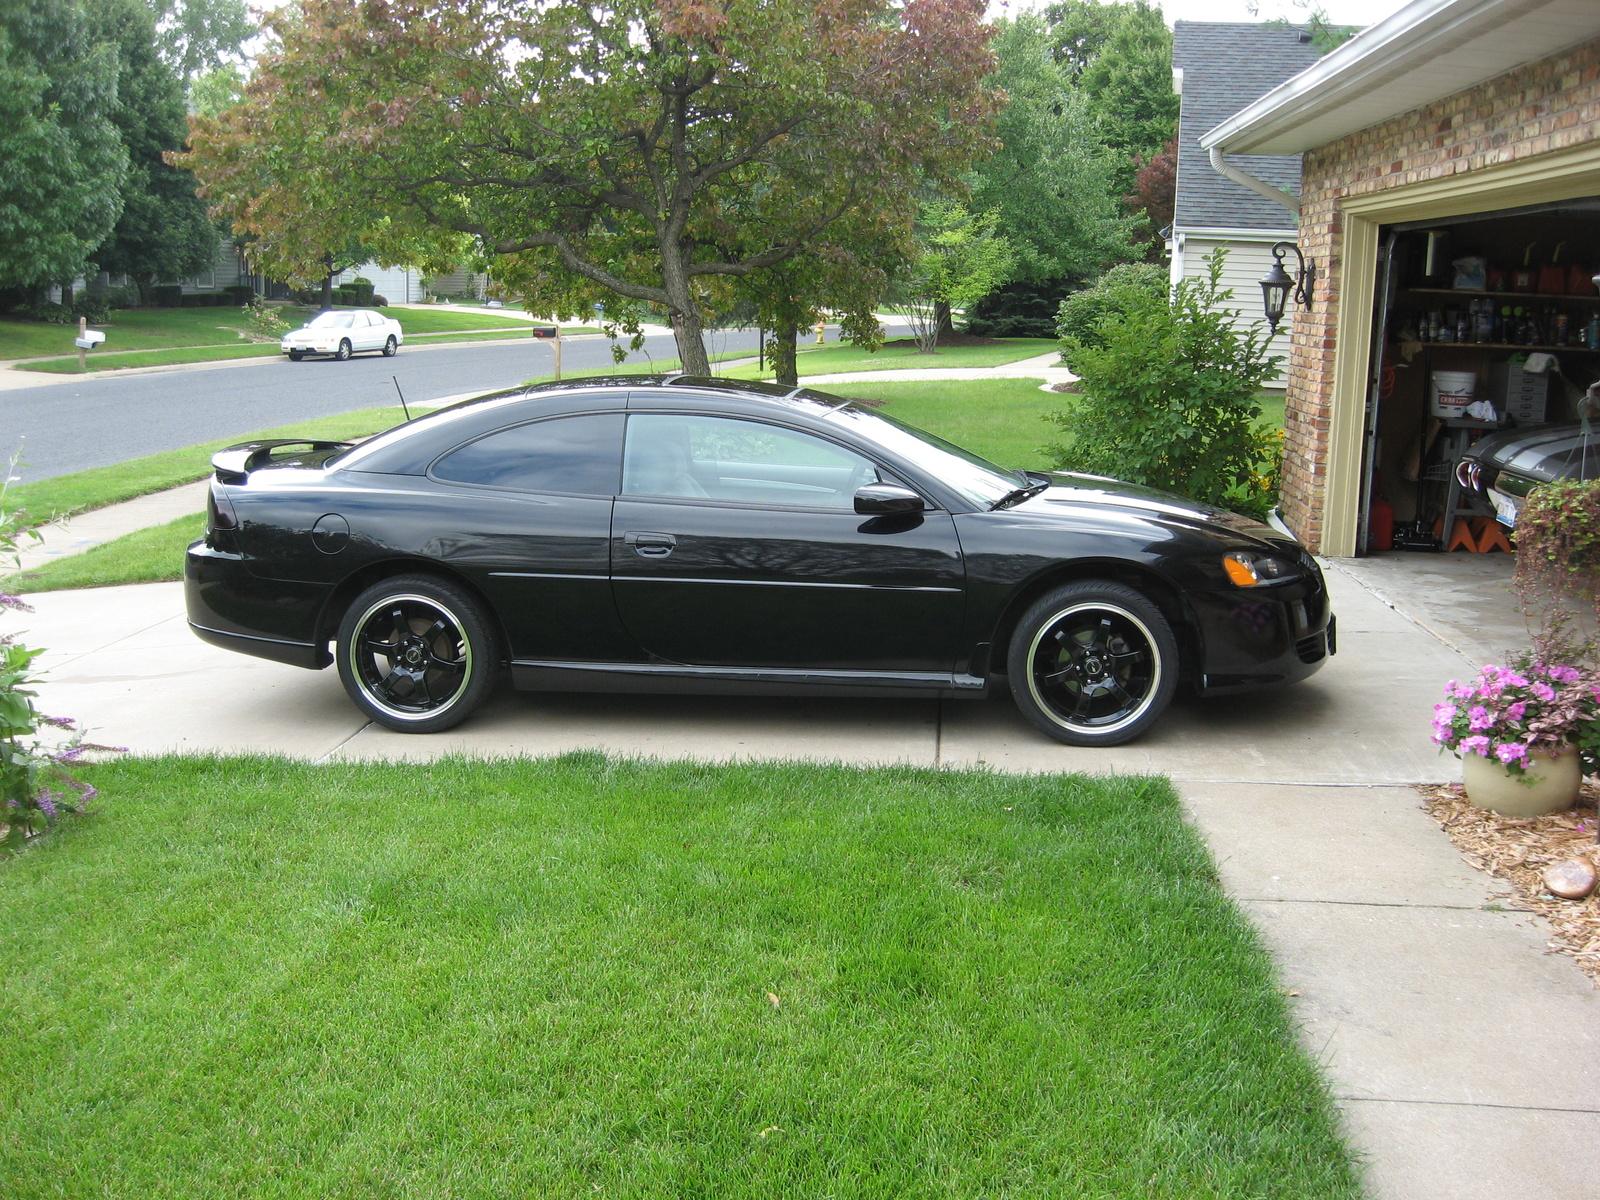 2005 Dodge Stratus SXT Coupe - Pictures - 2005 Dodge Stratus SXT Coupe ...